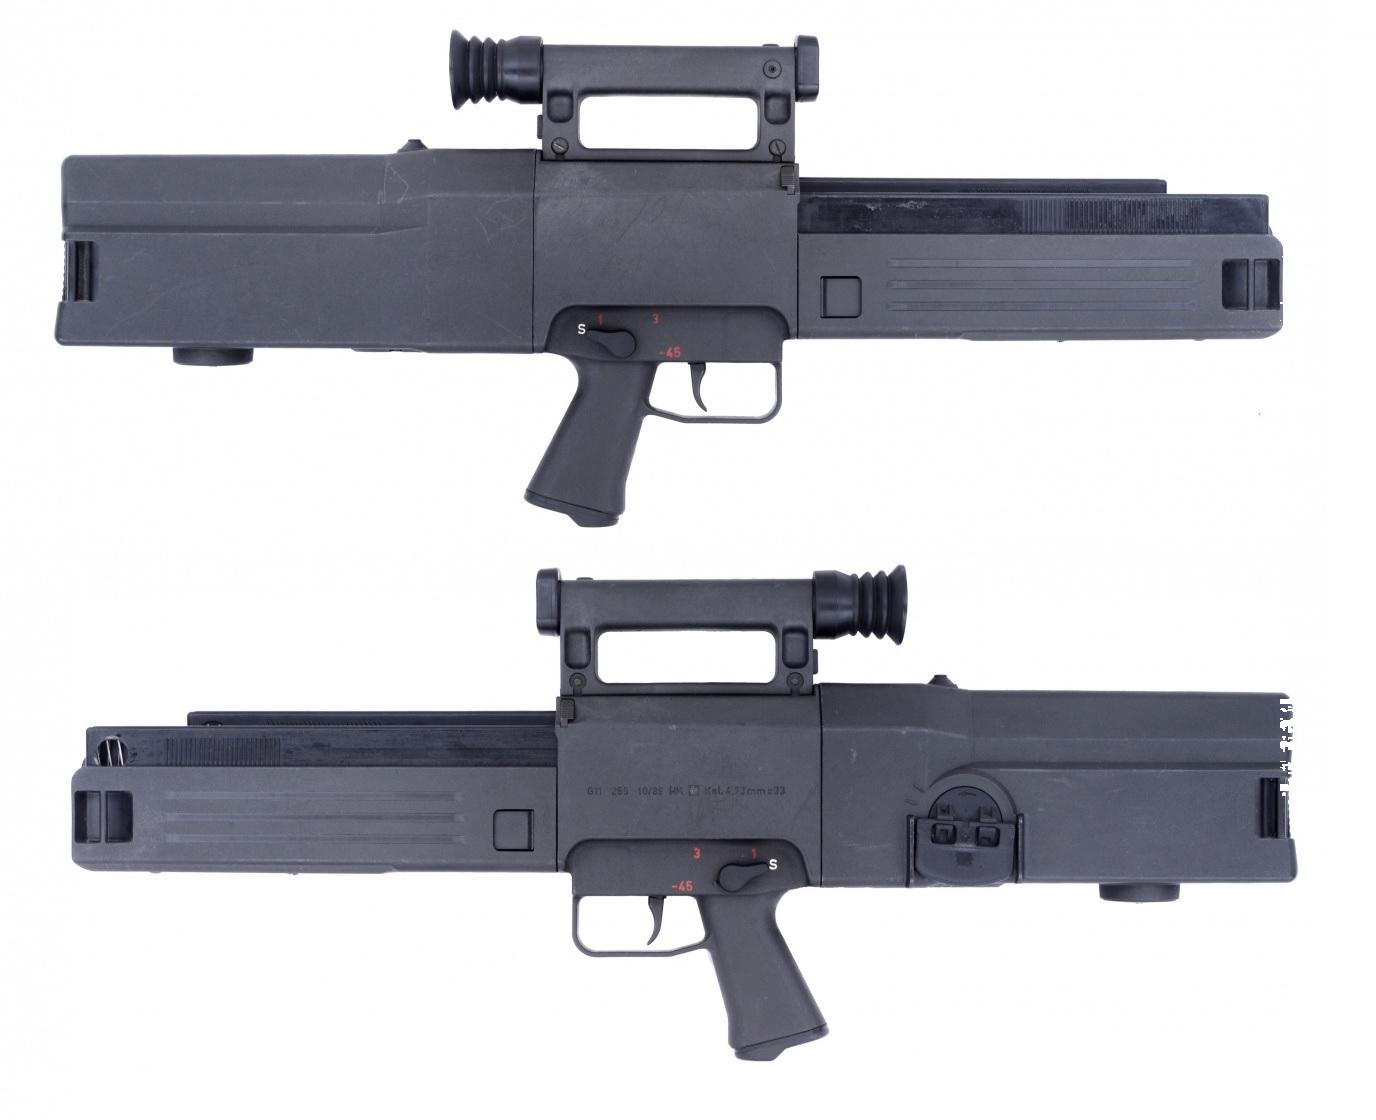 K 11 Gun Heckler & Koch G11...